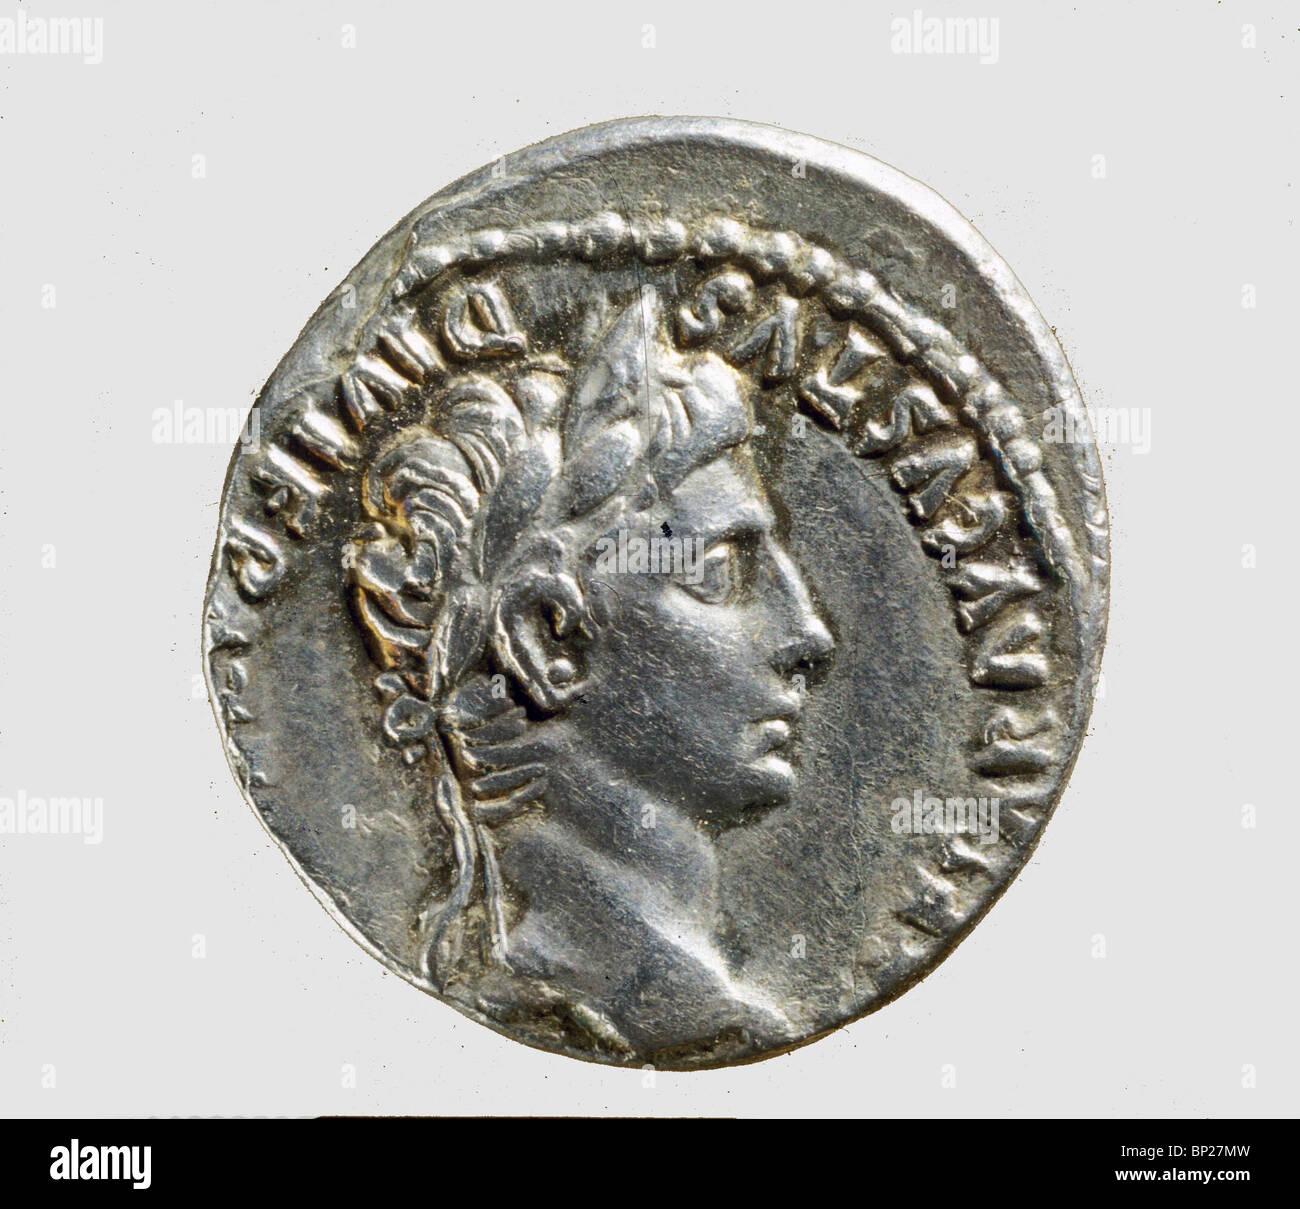 931. Moneta romana con il Busto di imperatore Augusto, (30 BC. - 14 D.C.). Immagini Stock